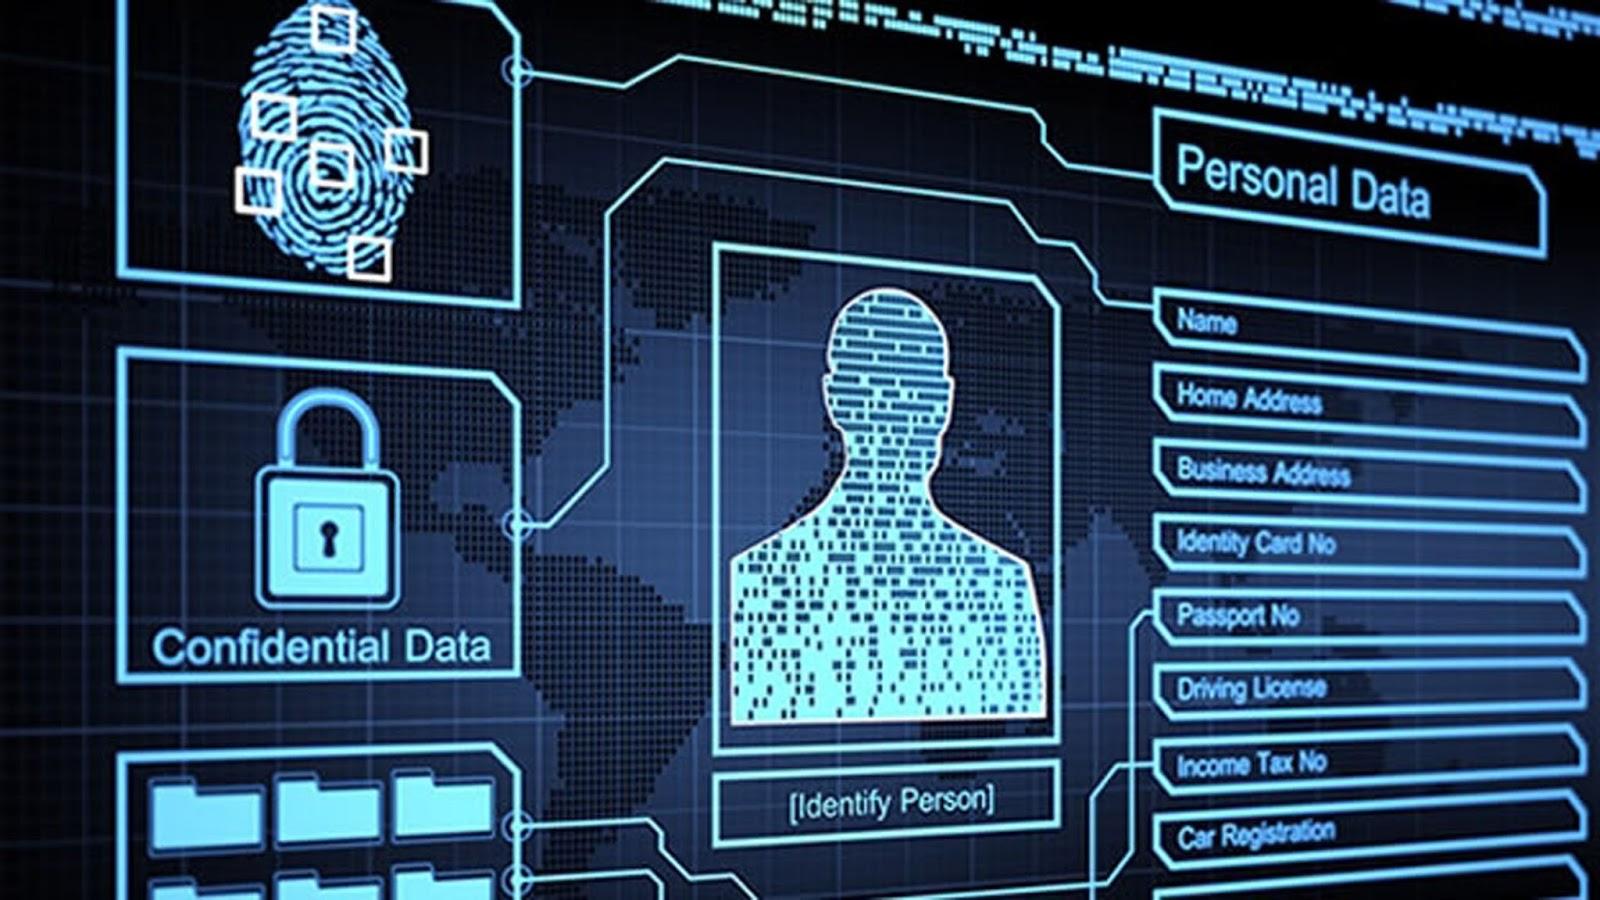 Nueva Ley De Protección De Datos: Todo Lo Que Hay Que Saber